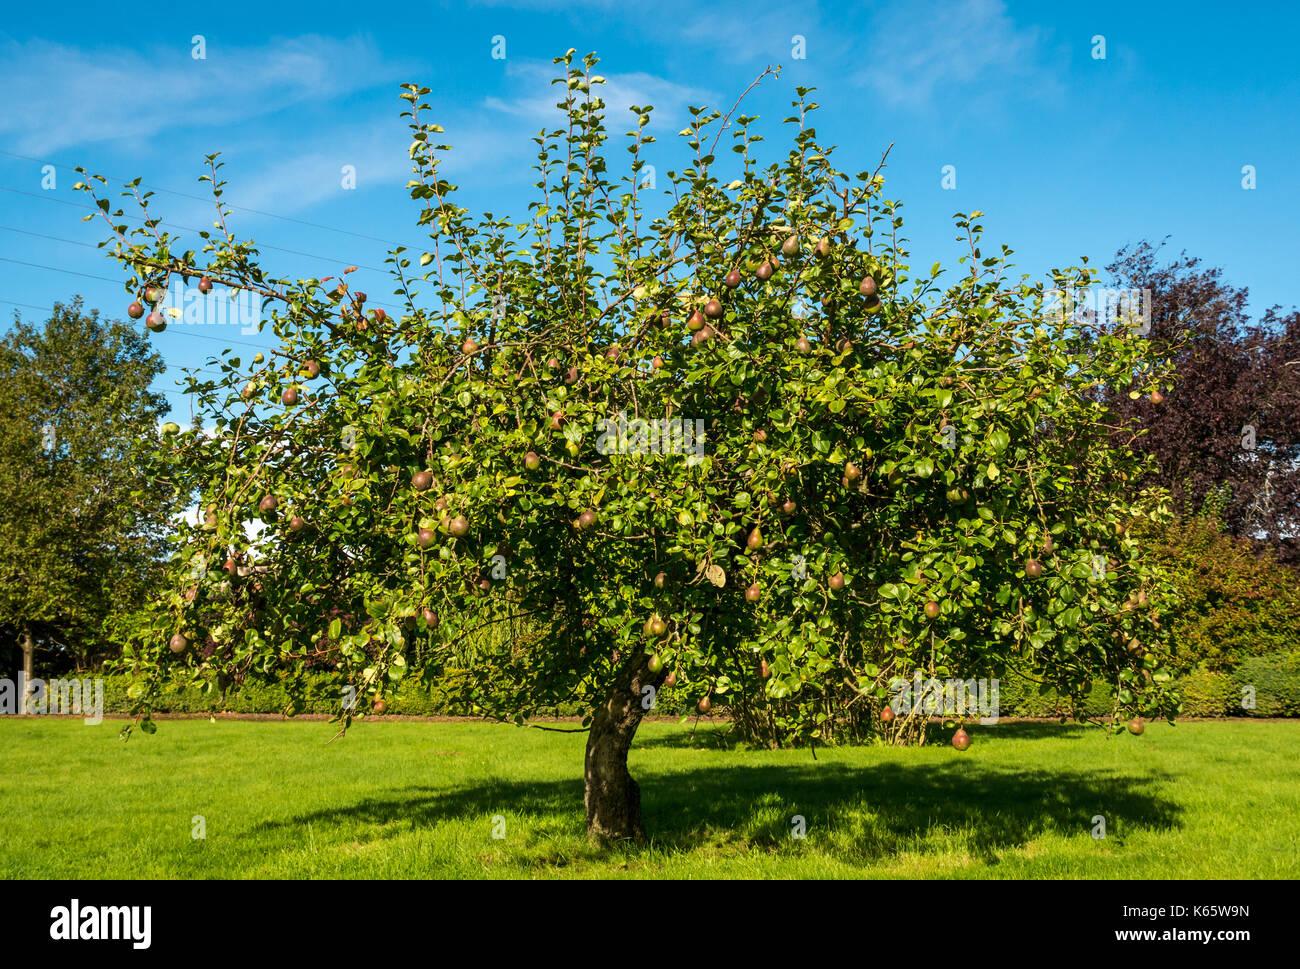 seckel-pear-tree-in-garden-lawn-on-sunny